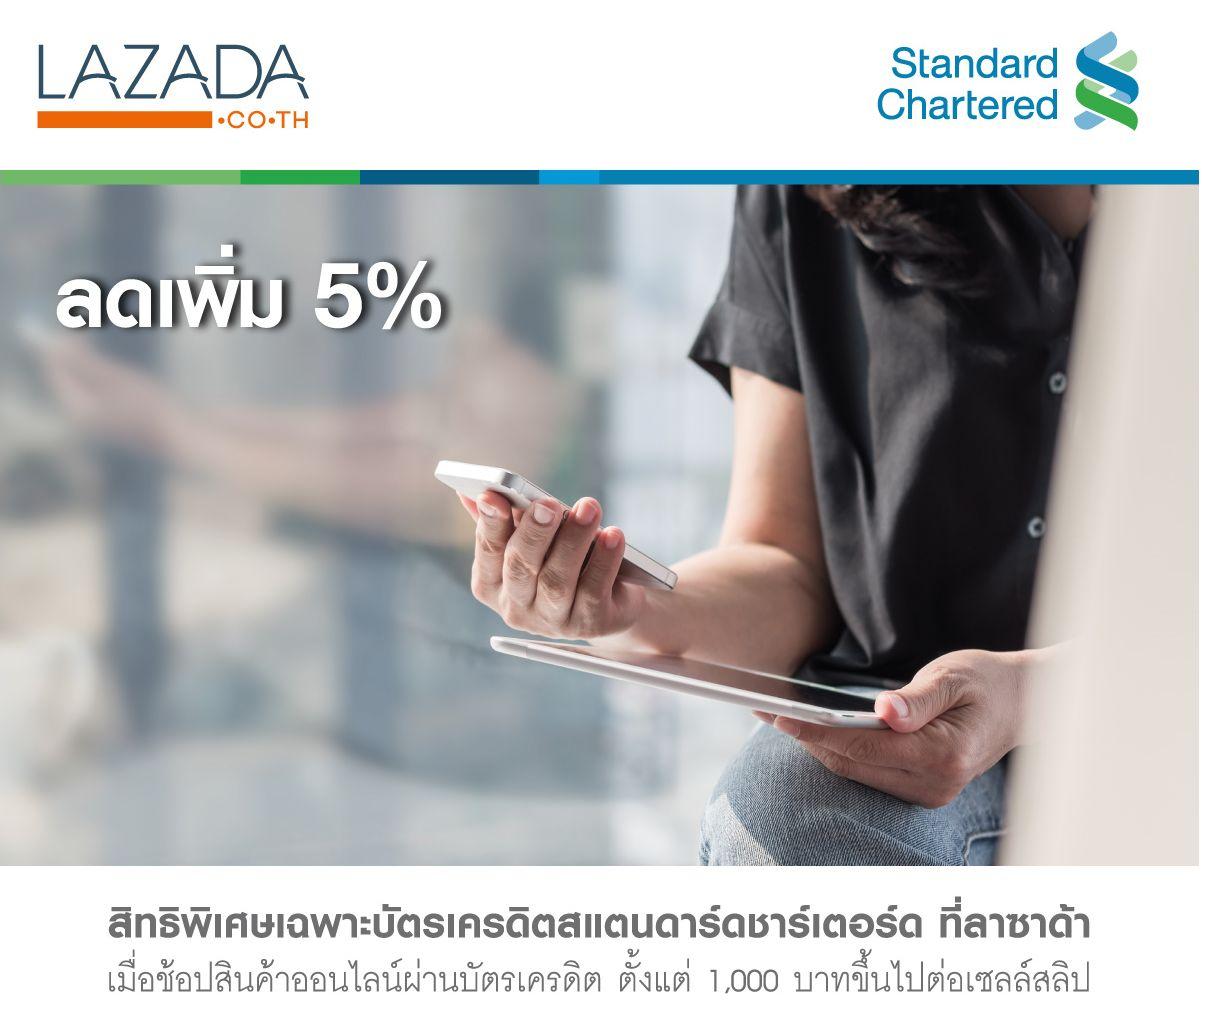 ส่วนลด lazada scbt standardchartered สแตนดาร์ดชาร์เตอร์ด